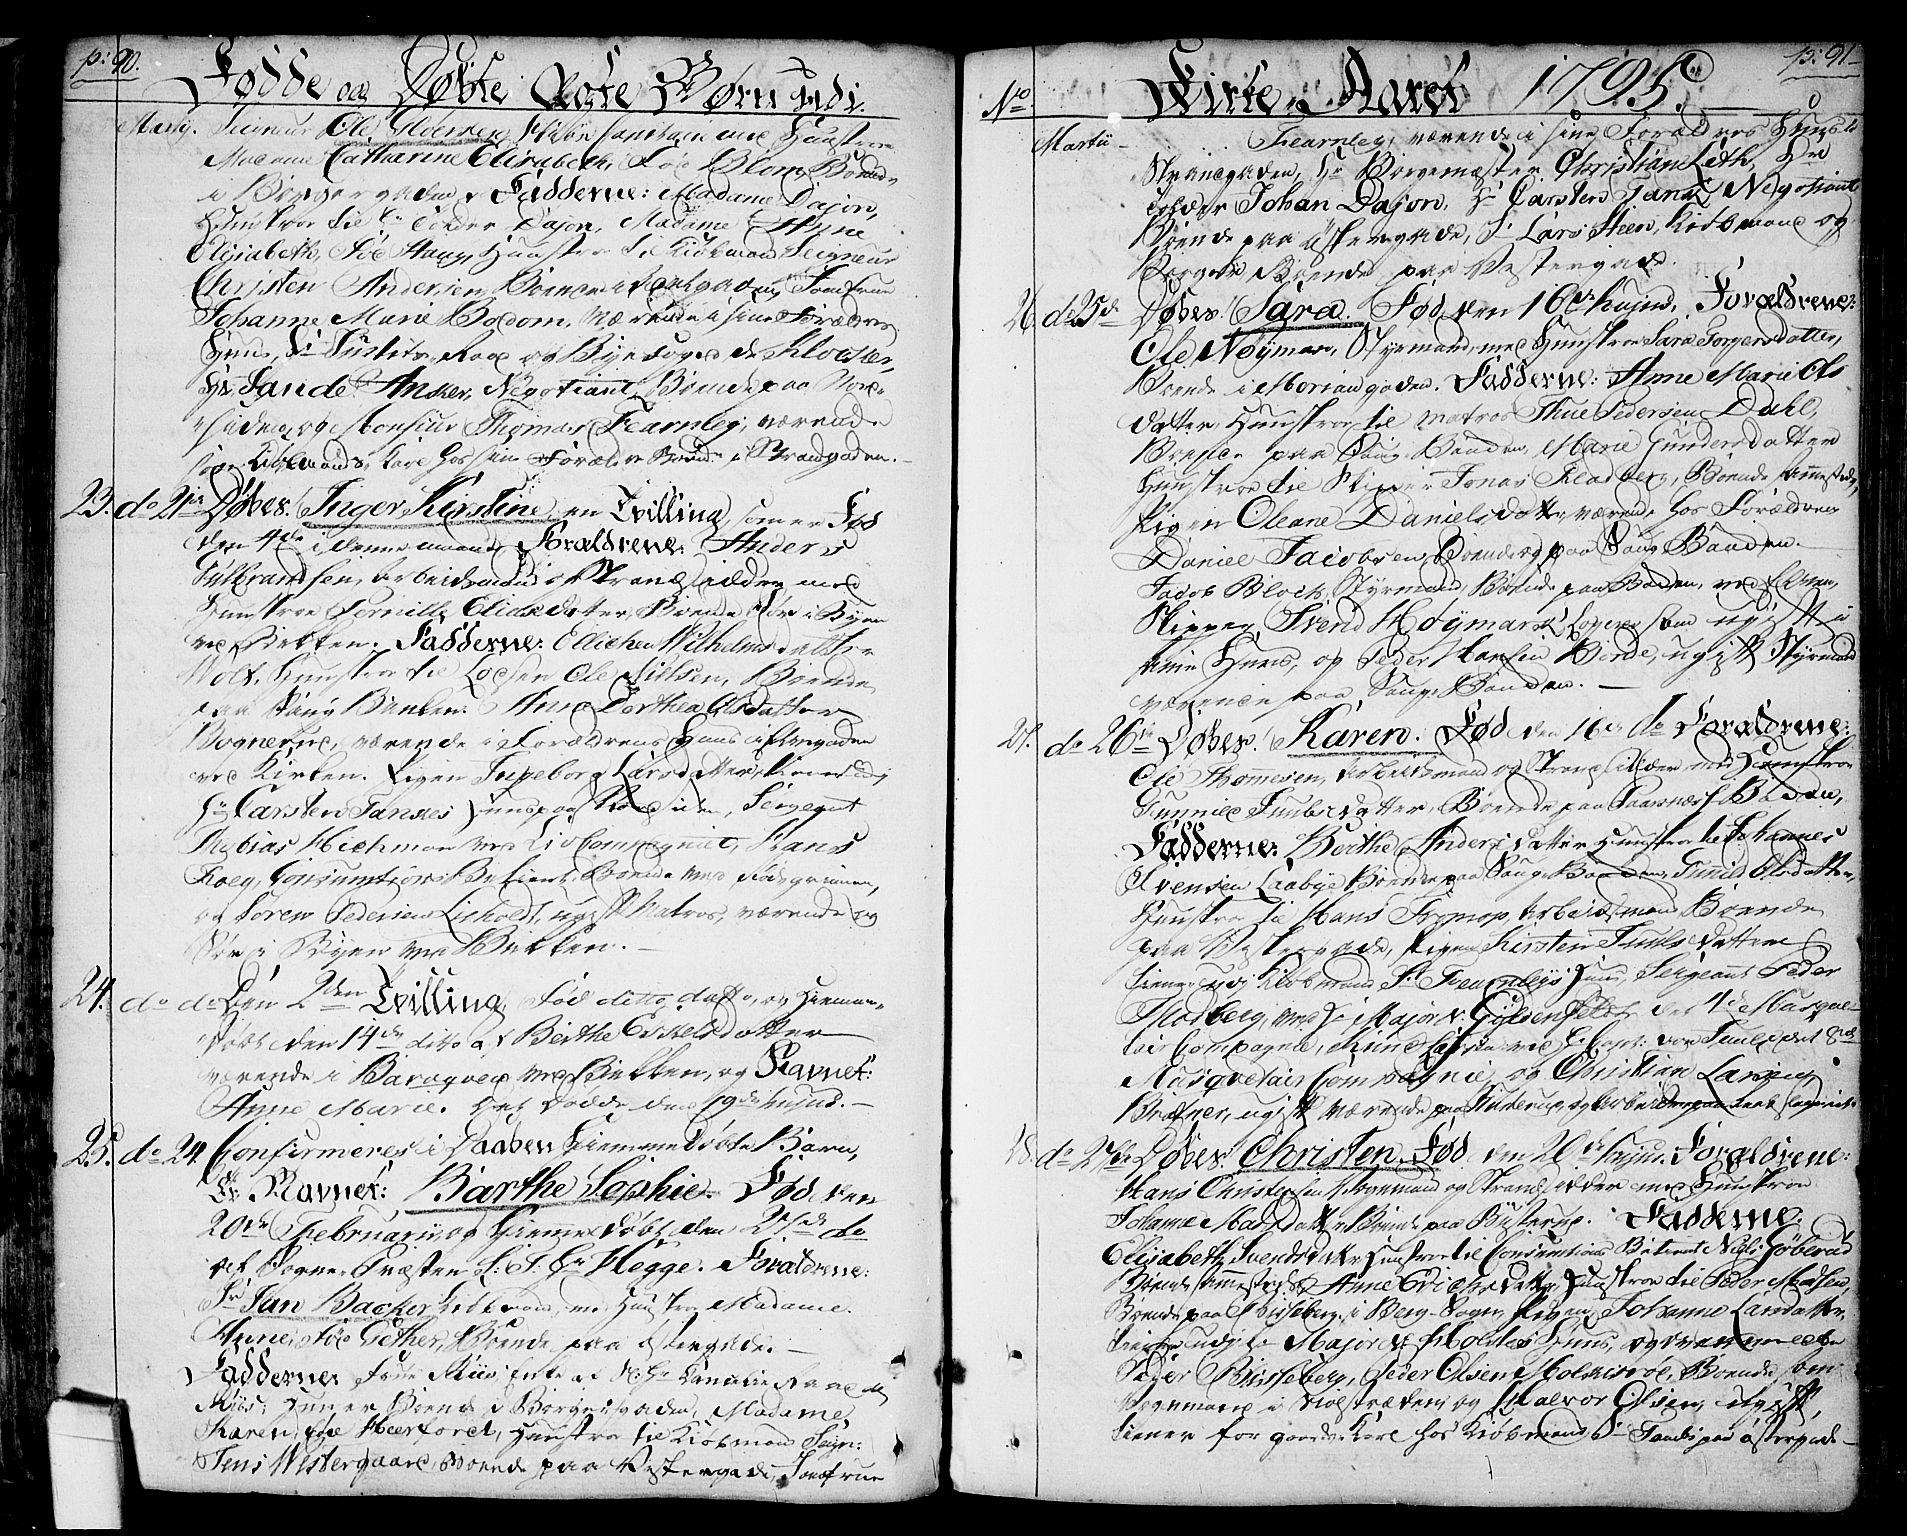 SAO, Halden prestekontor Kirkebøker, F/Fa/L0002: Ministerialbok nr. I 2, 1792-1812, s. 90-91